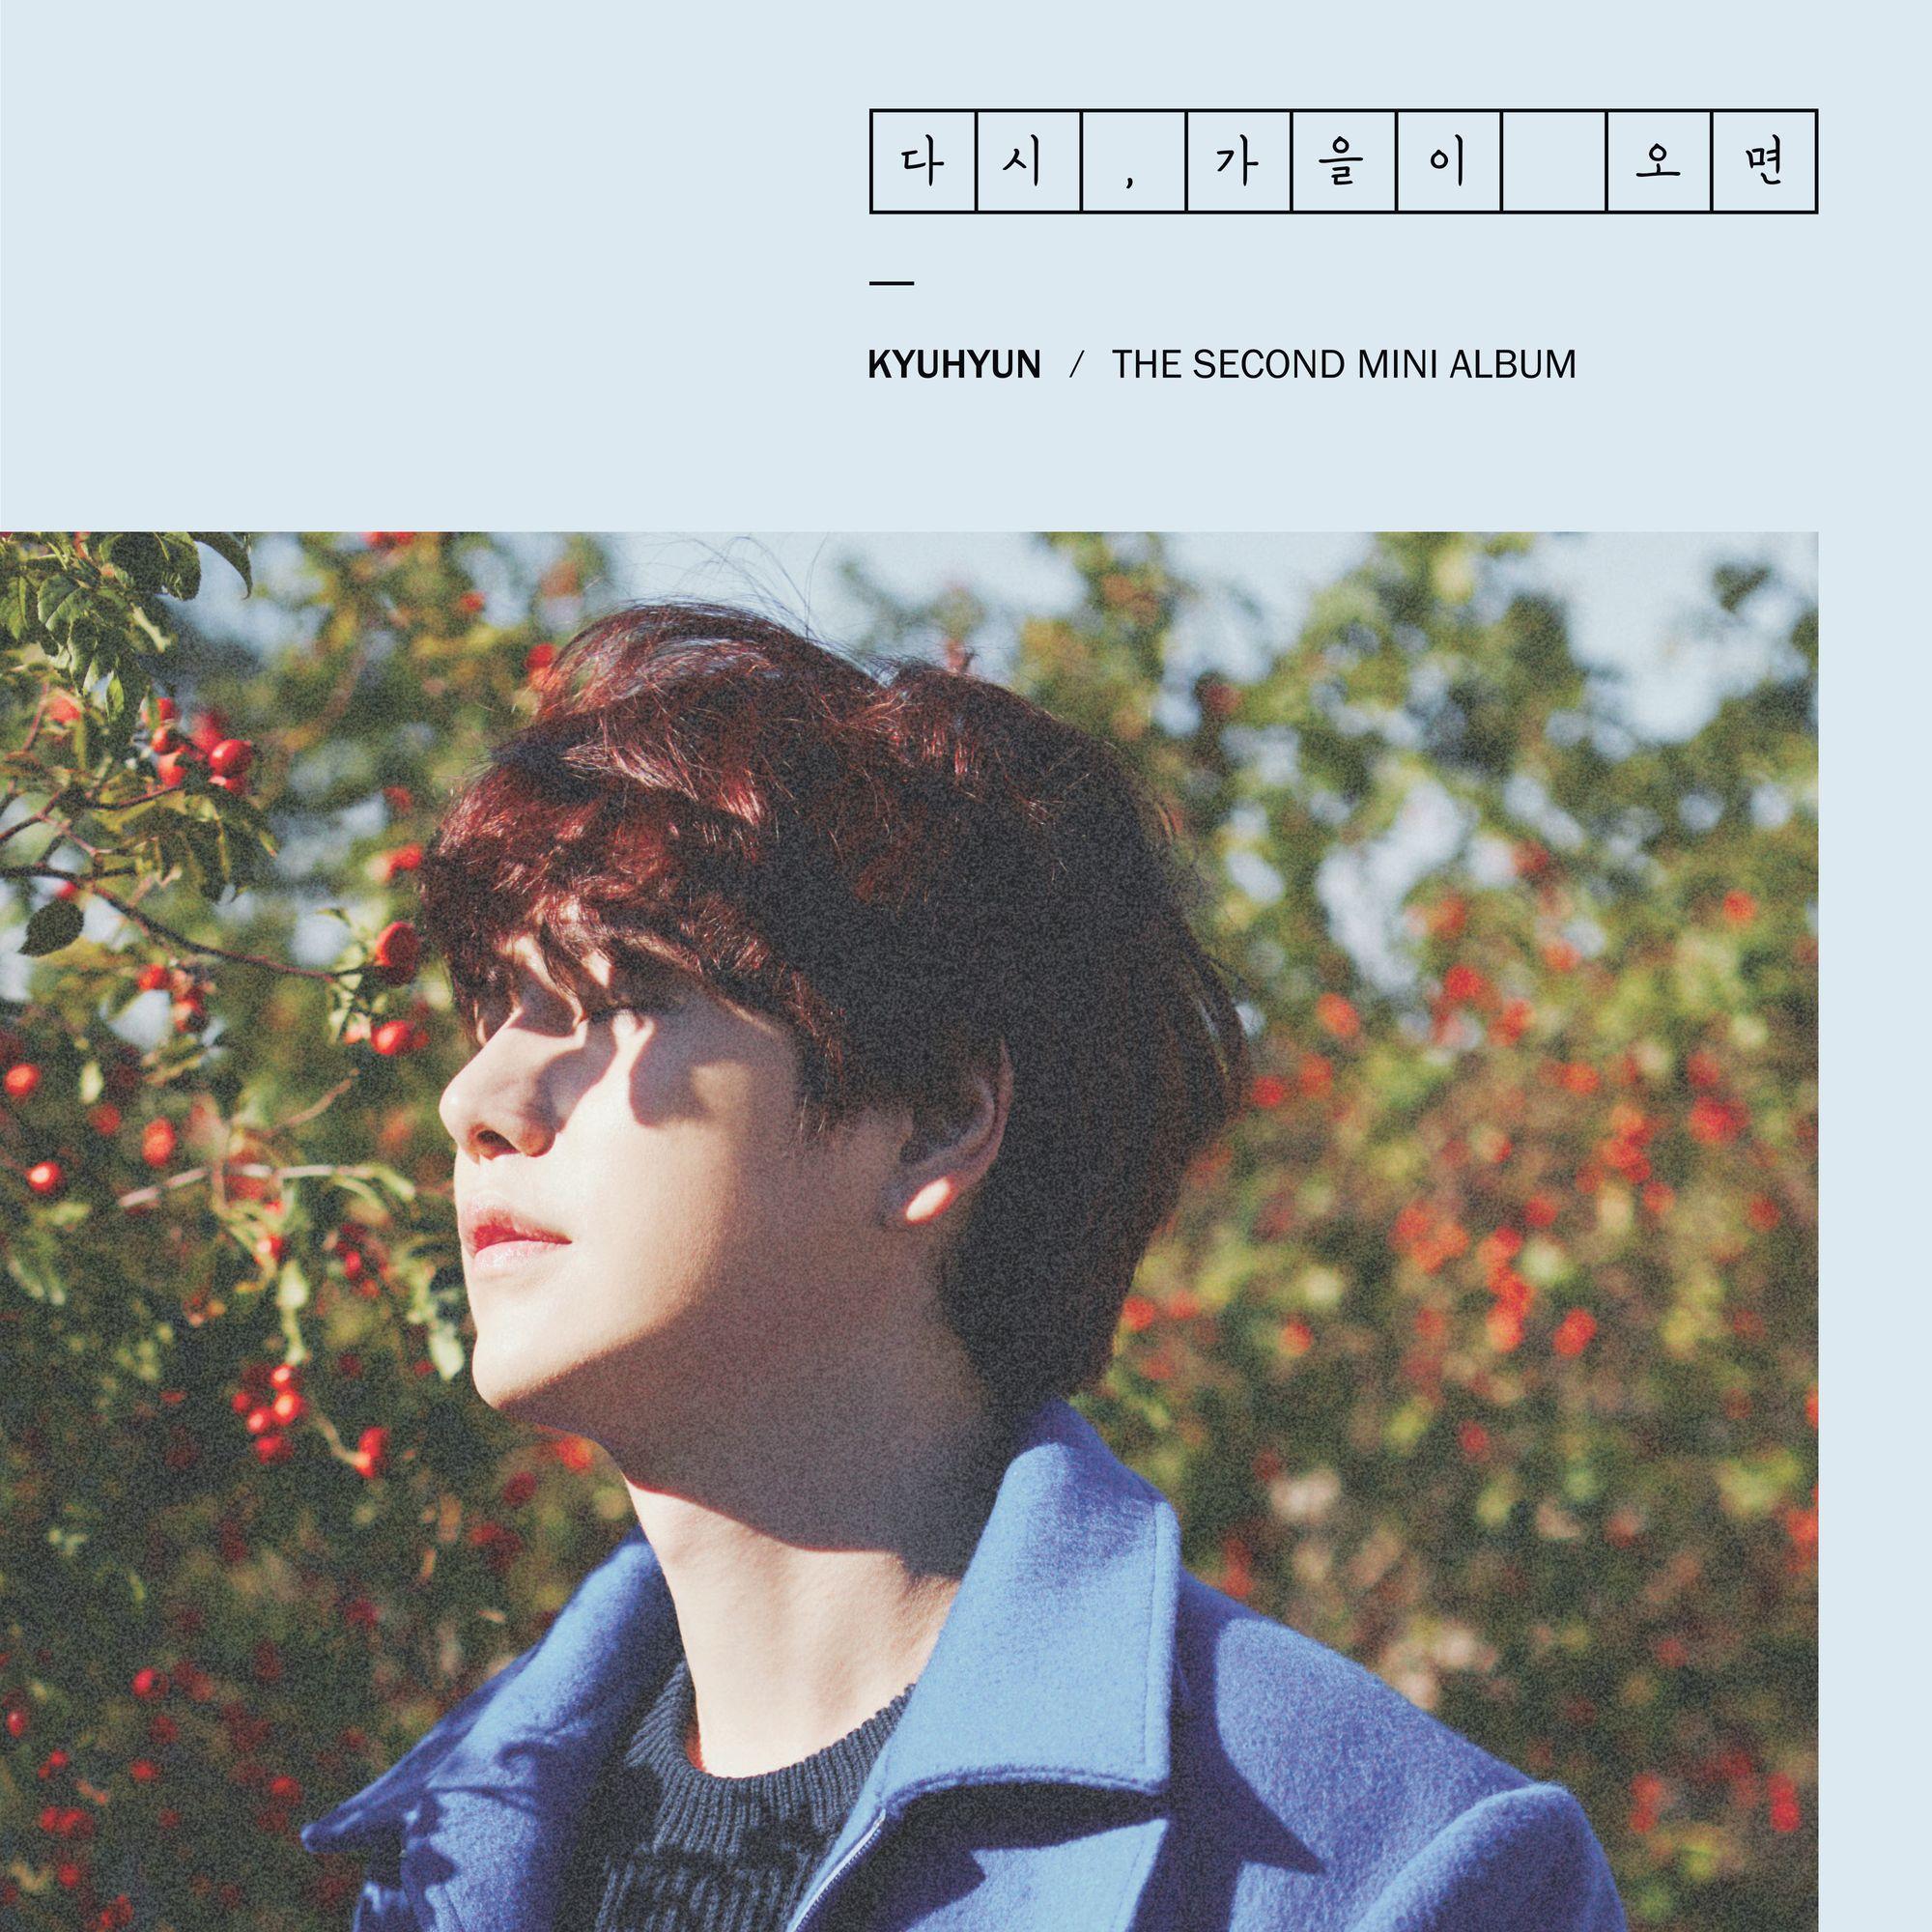 [규현] 다시, 가을이 오면 - The 2nd Mini Album